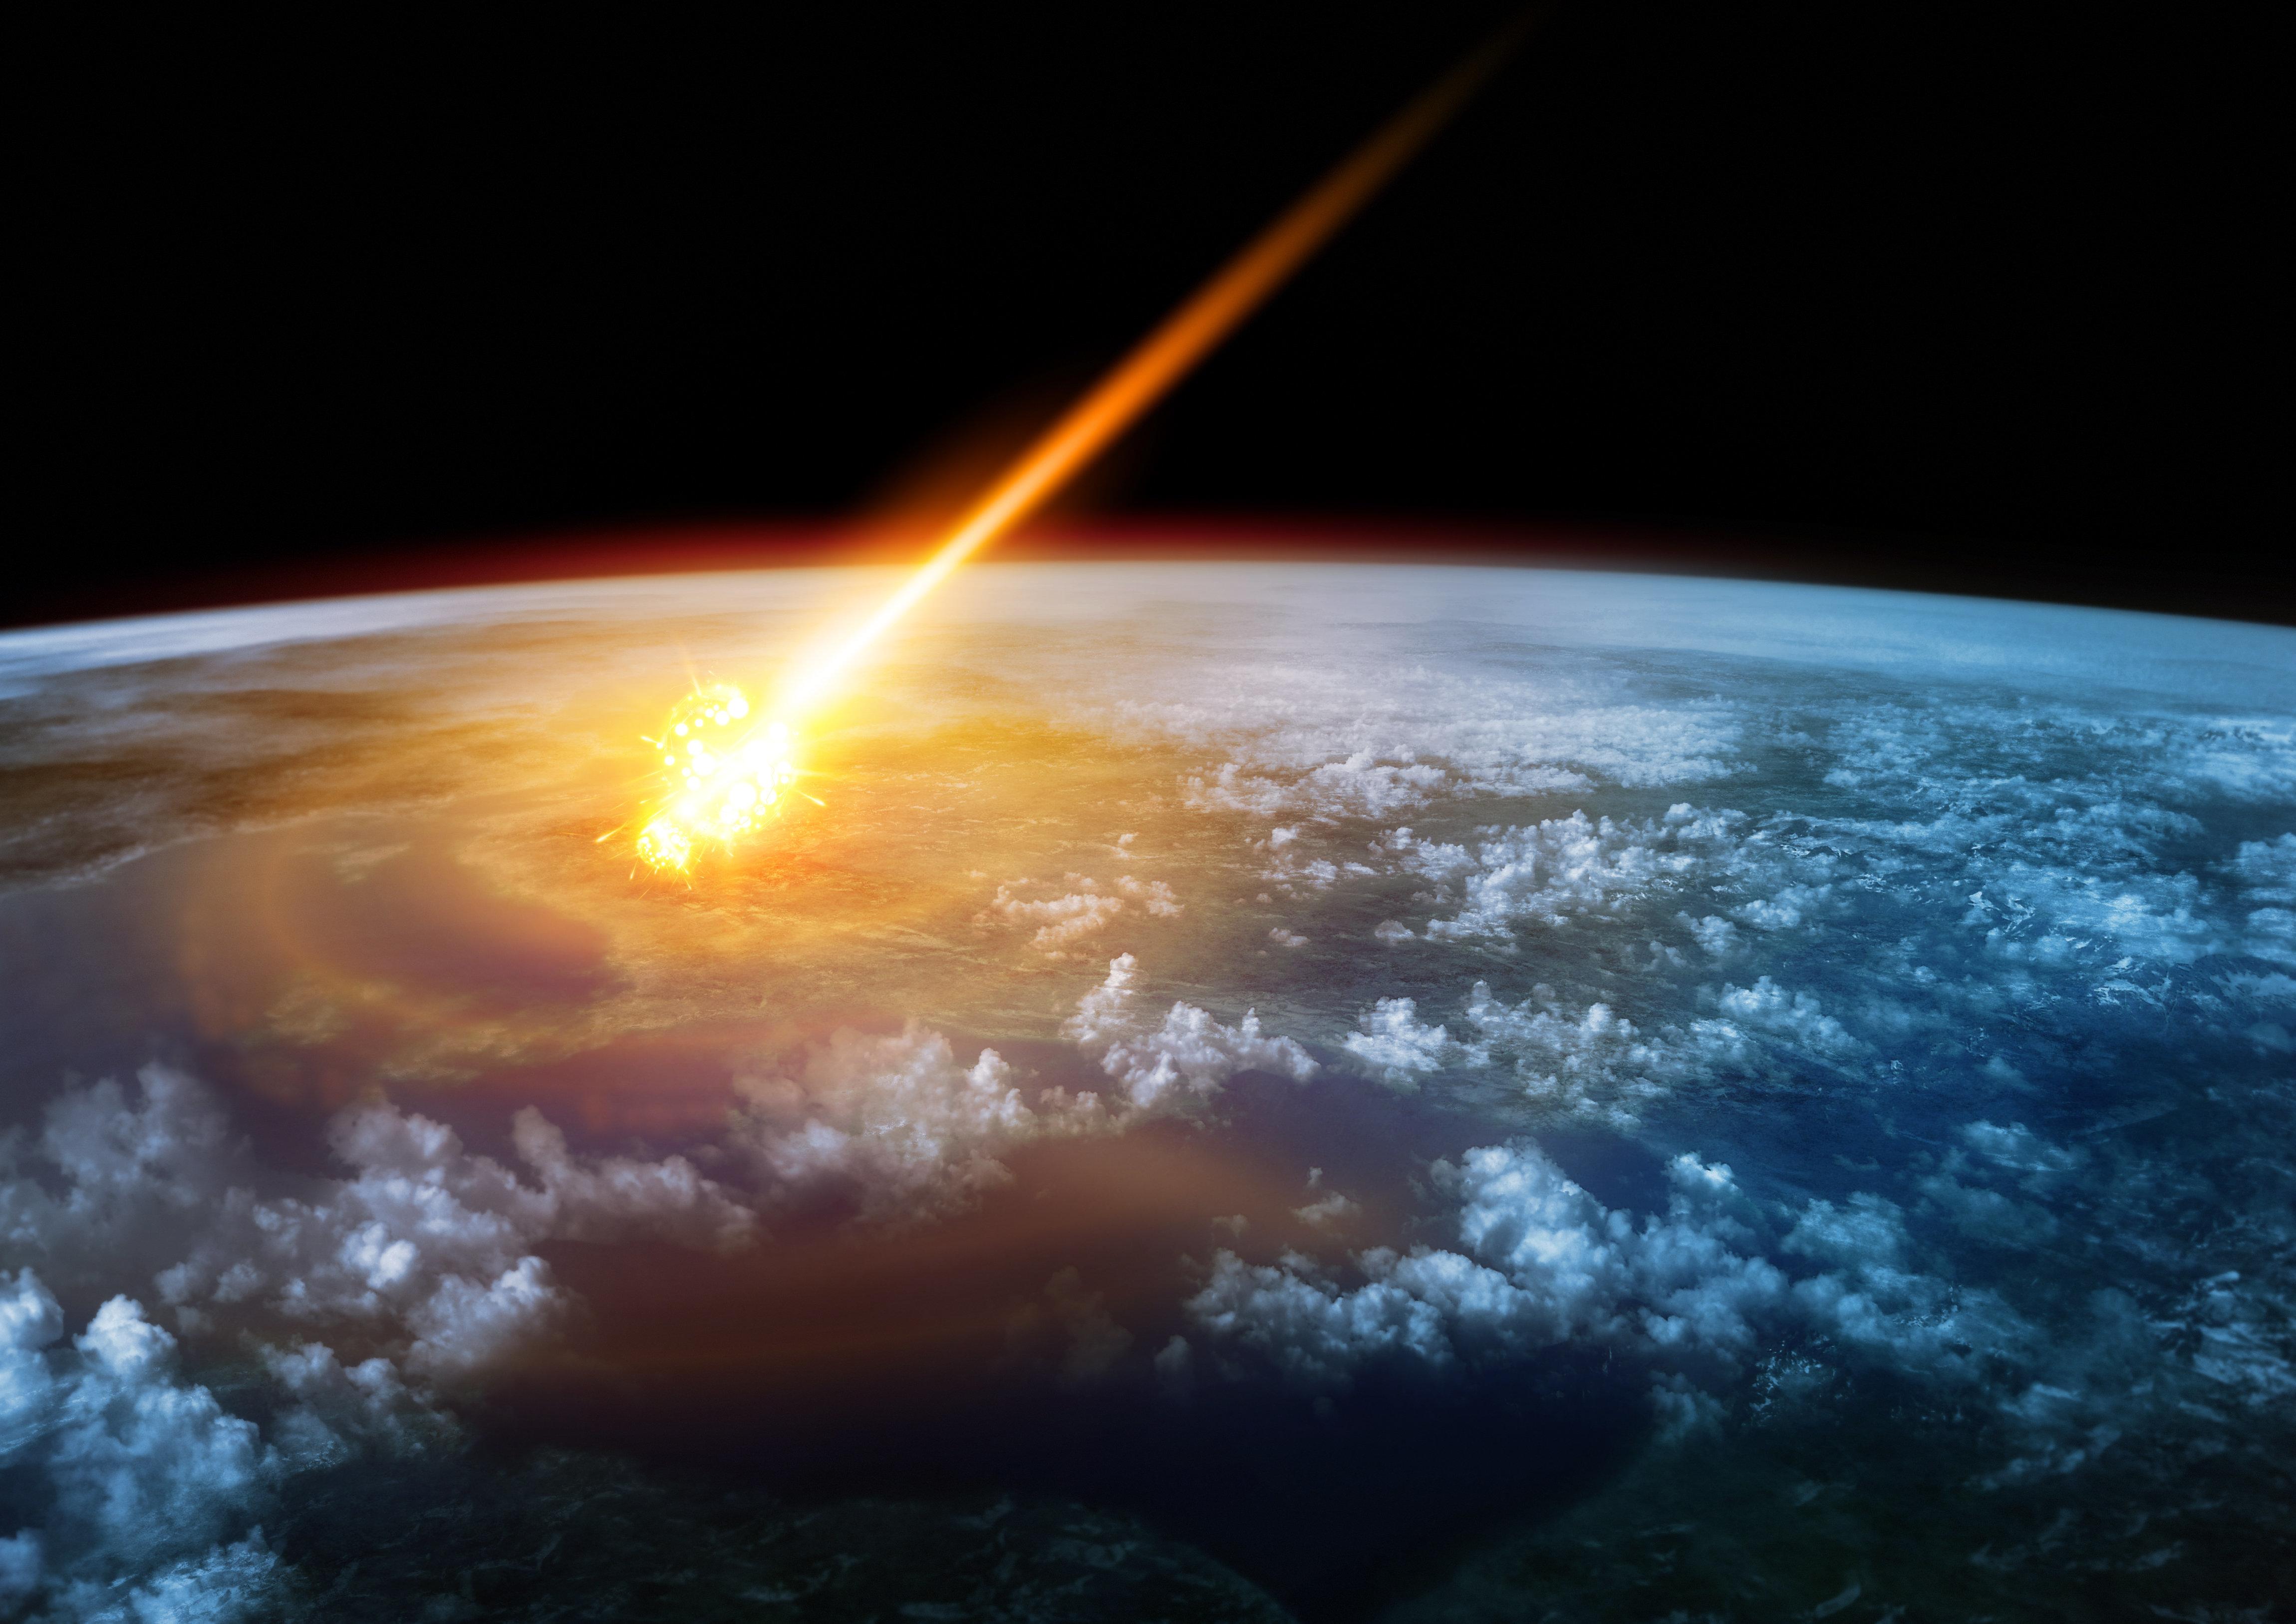 H NASA προετοιμάζεται για ενδεχόμενο χτύπημα μετεωρίτη στη Γη - Τι